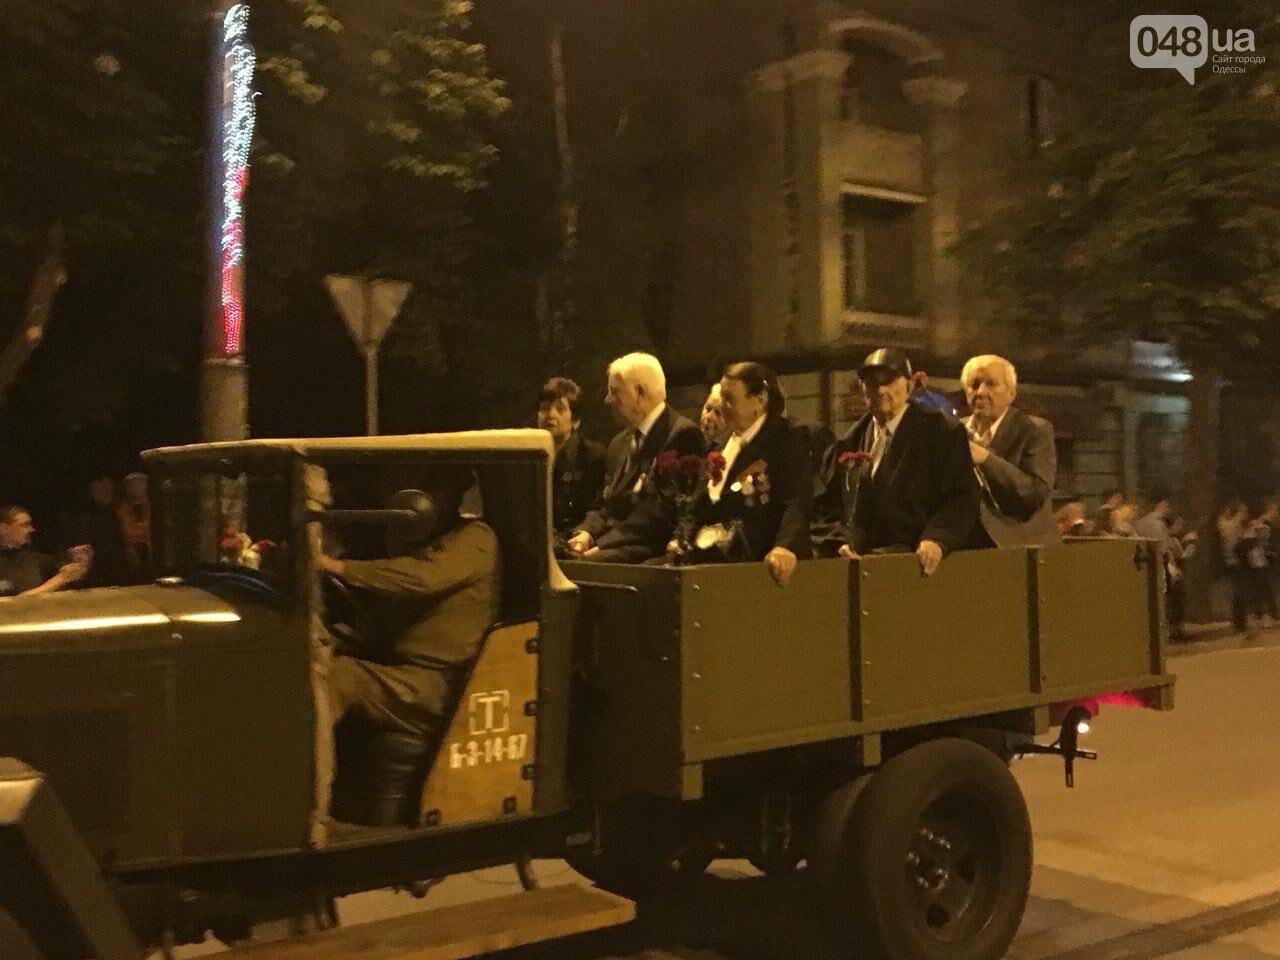 Александр Вилкул: Сегодня в 4 утра, как и последние 50 лет Кривой Рог первым из городов Украины начинает праздновать День Великой Победы (Ф..., фото-3